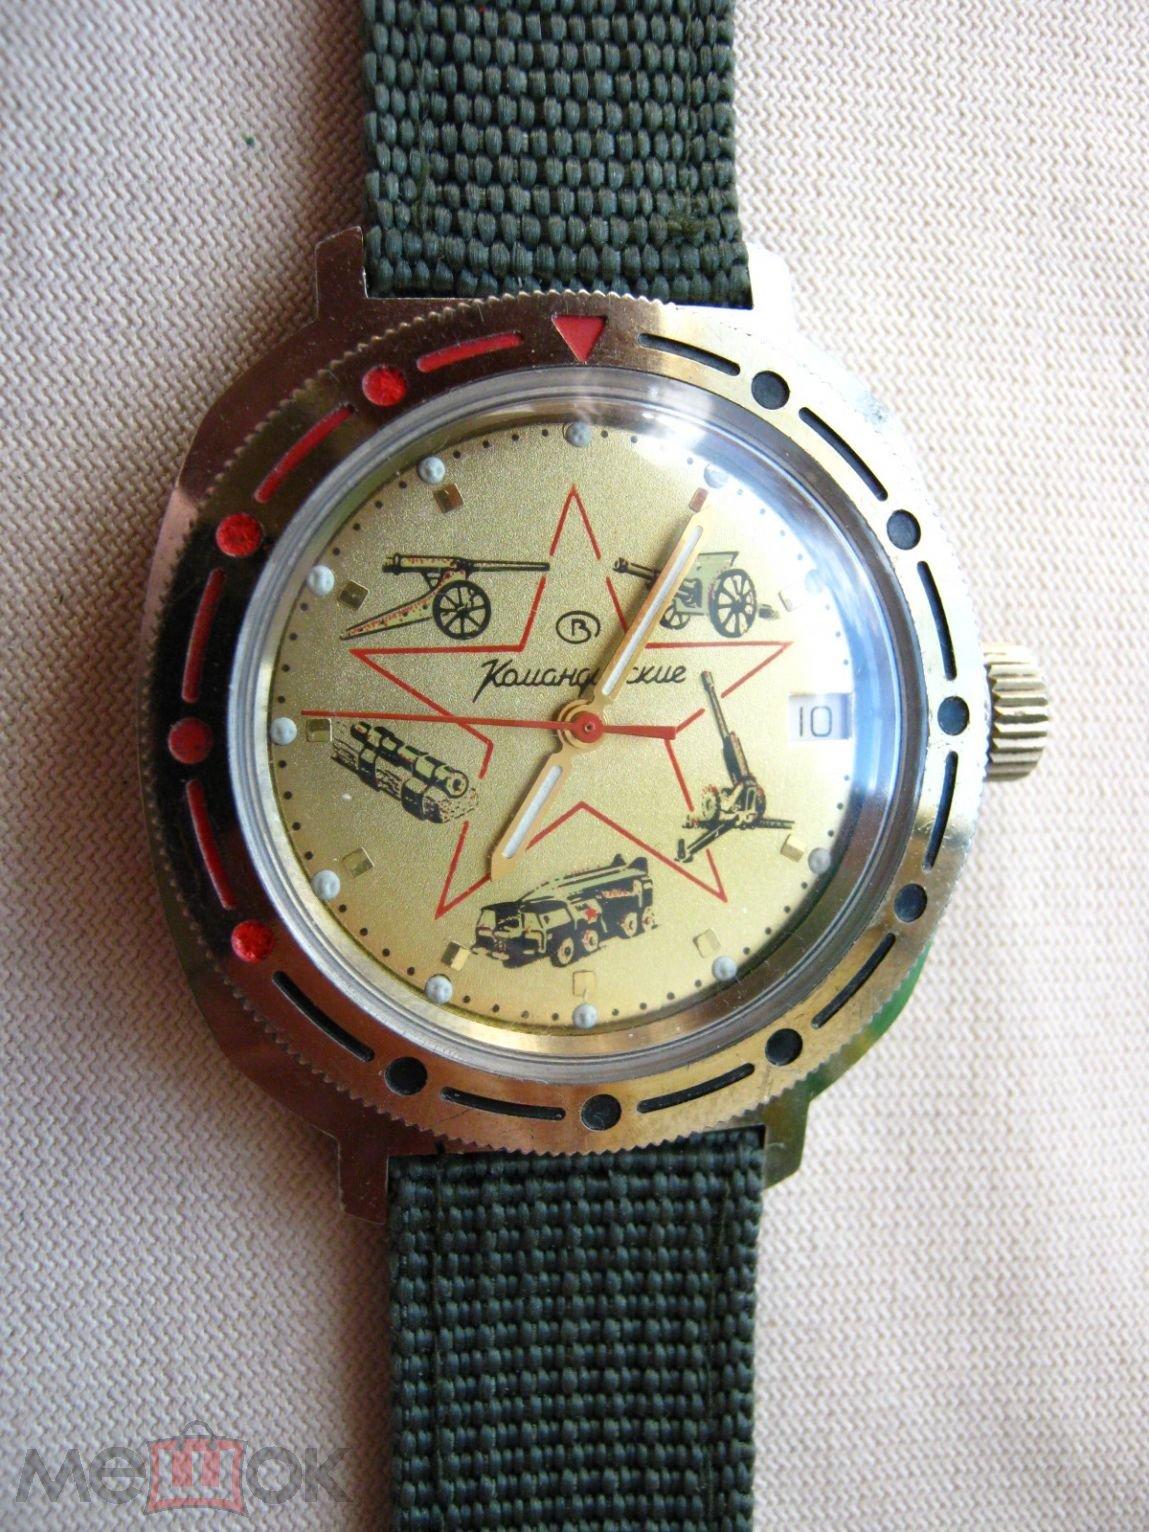 Снять браслет, отвинтить заднюю крышку, либо спец ключом либо короткими круглогубцами держа их перпендикулярно плоскости крышки.